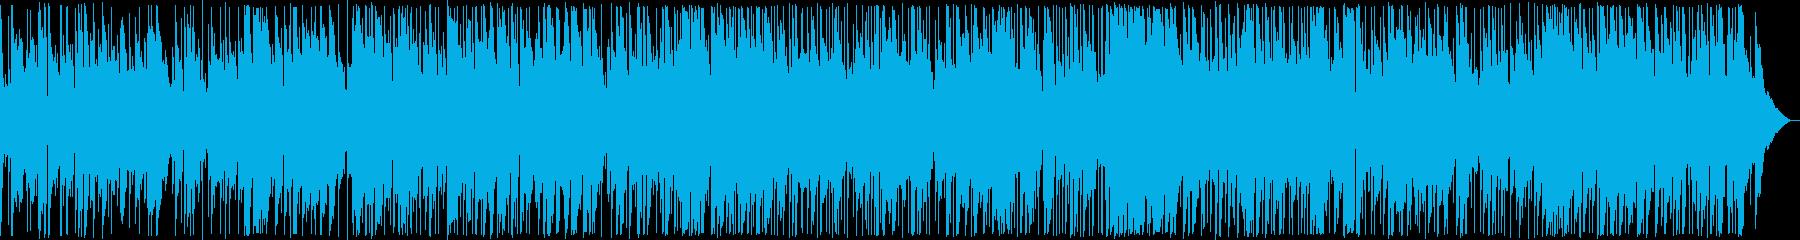 ドラマティックなギターブルース系の再生済みの波形